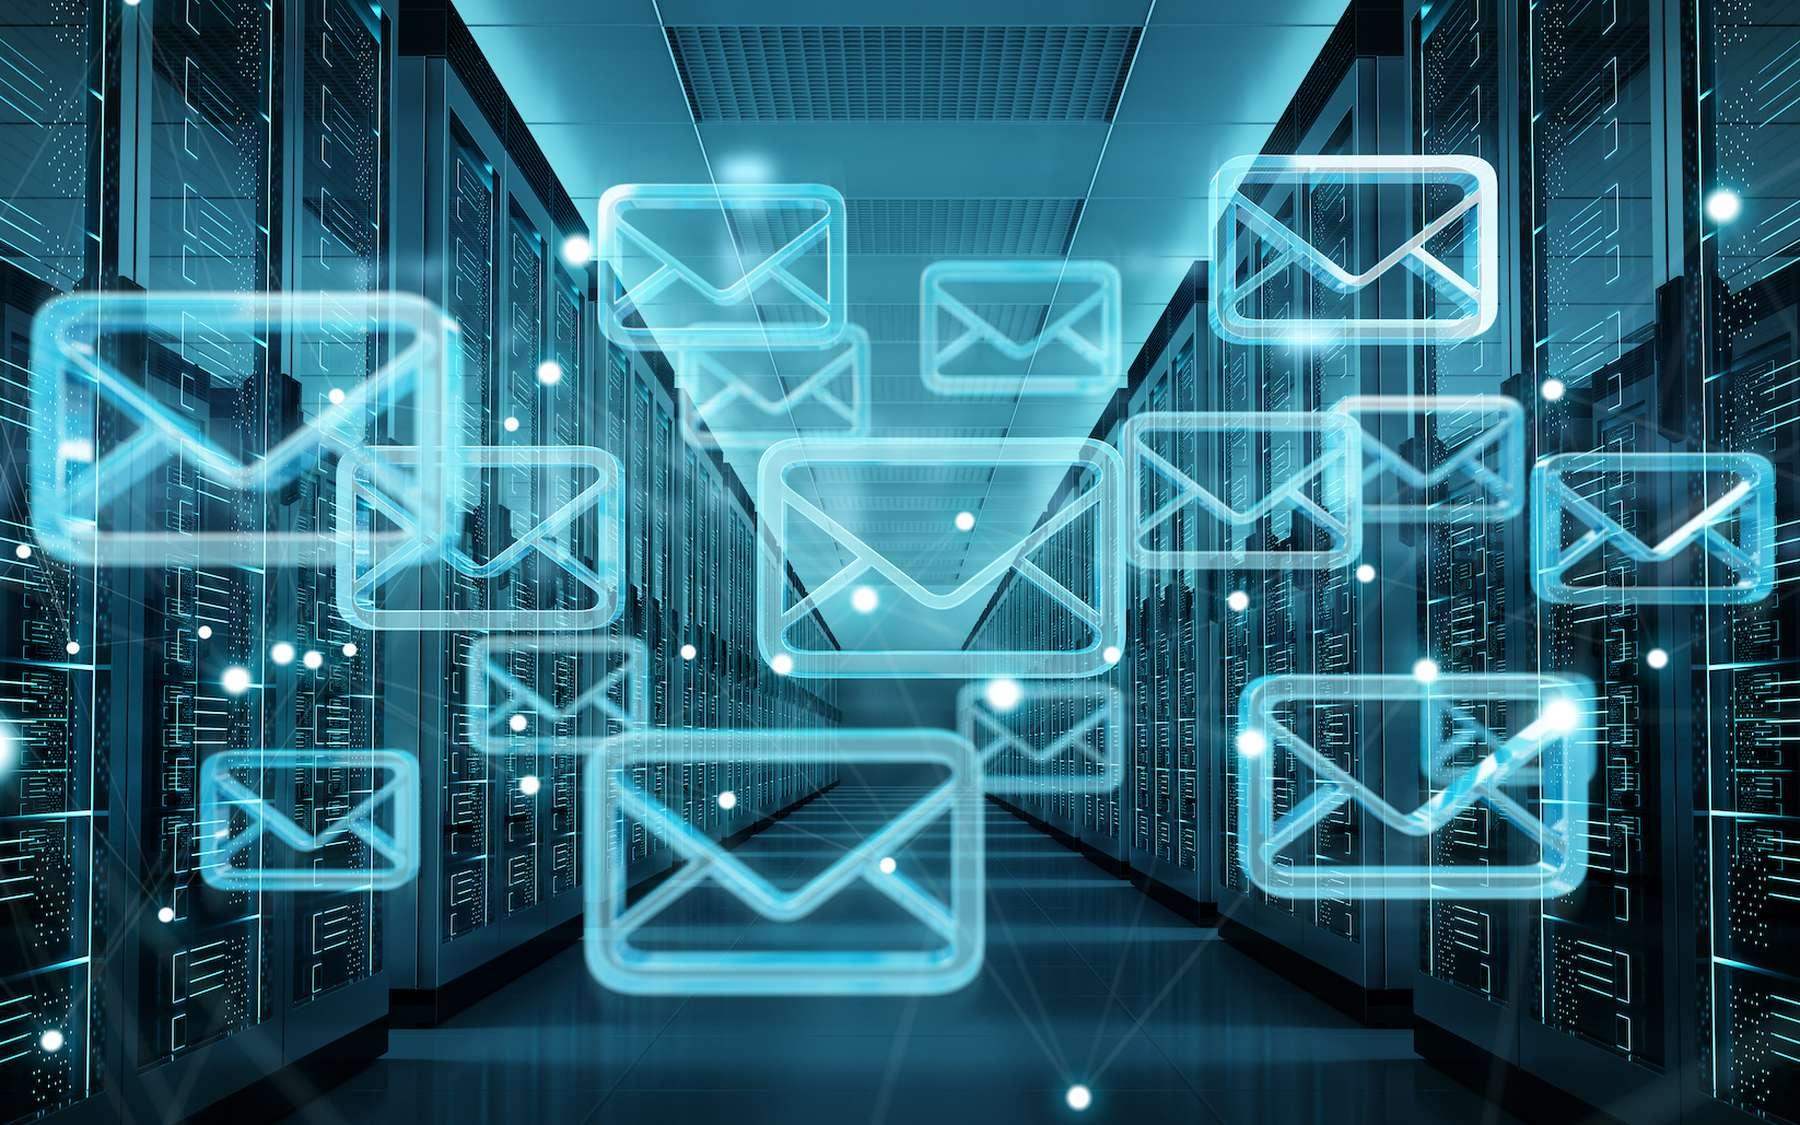 Le protocole IMAP synchronise les messages entre le serveur et le client de messagerie. © sdecoret, Adobe Stock